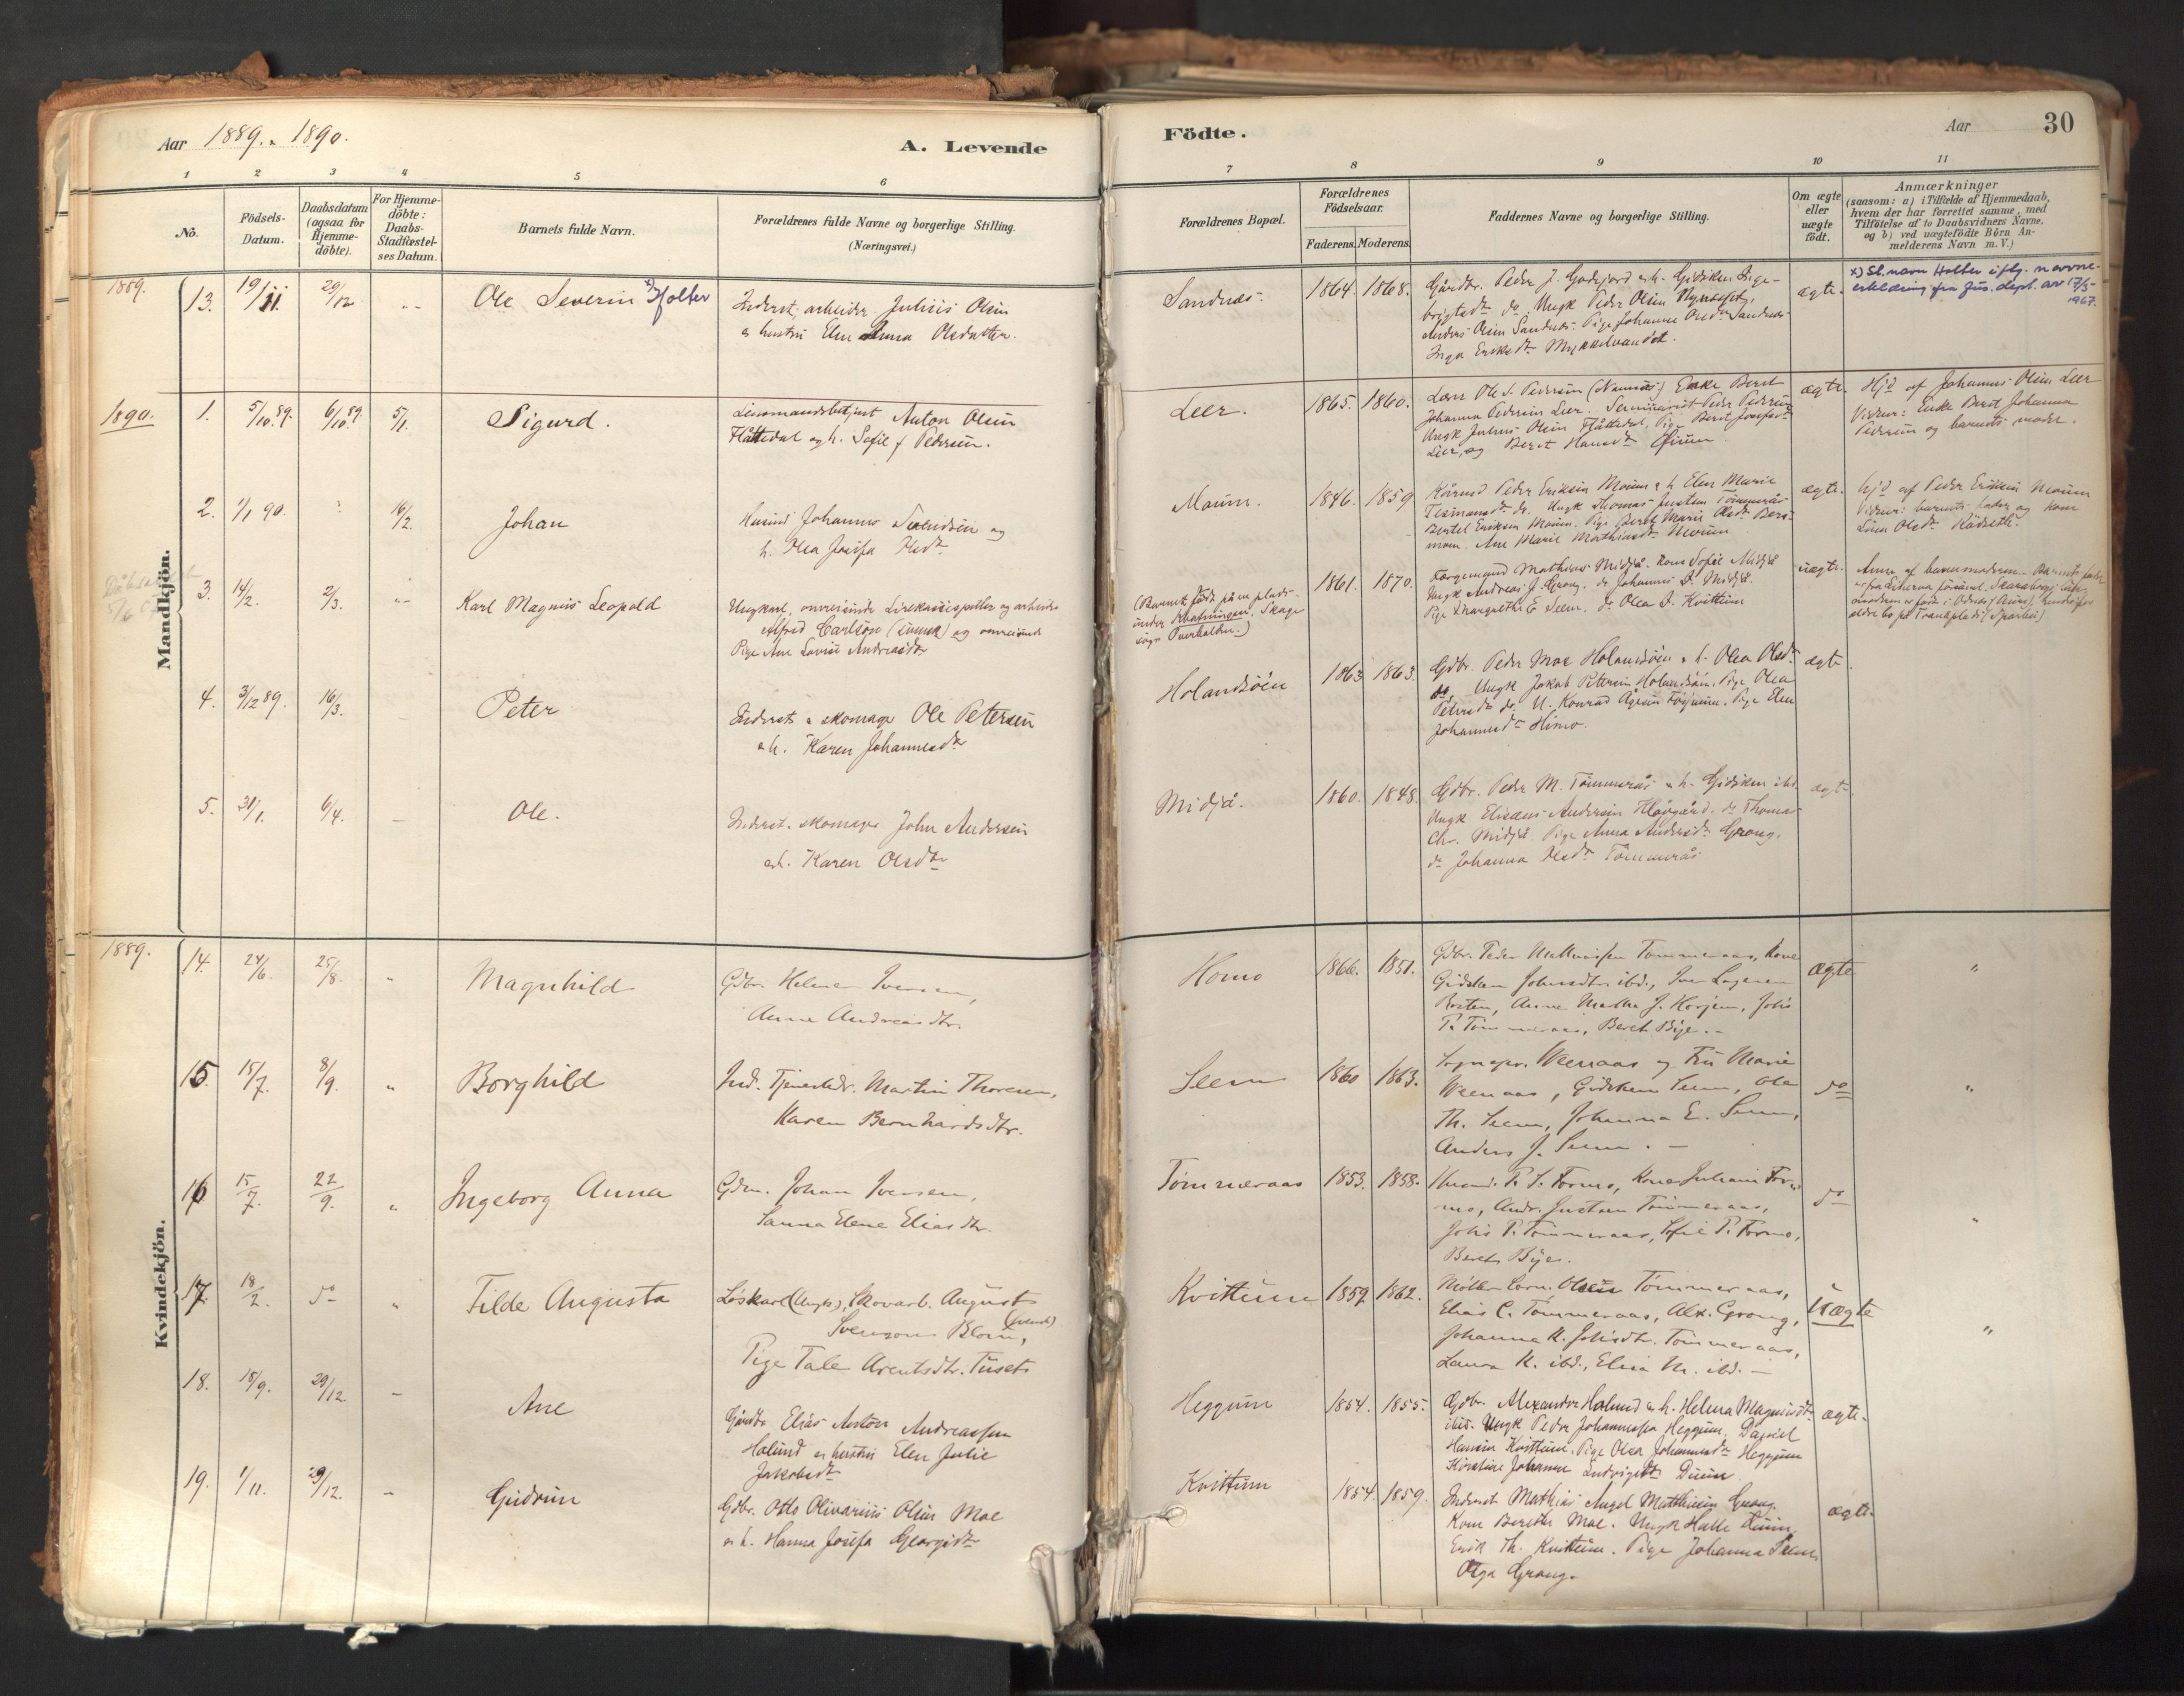 SAT, Ministerialprotokoller, klokkerbøker og fødselsregistre - Nord-Trøndelag, 758/L0519: Ministerialbok nr. 758A04, 1880-1926, s. 30